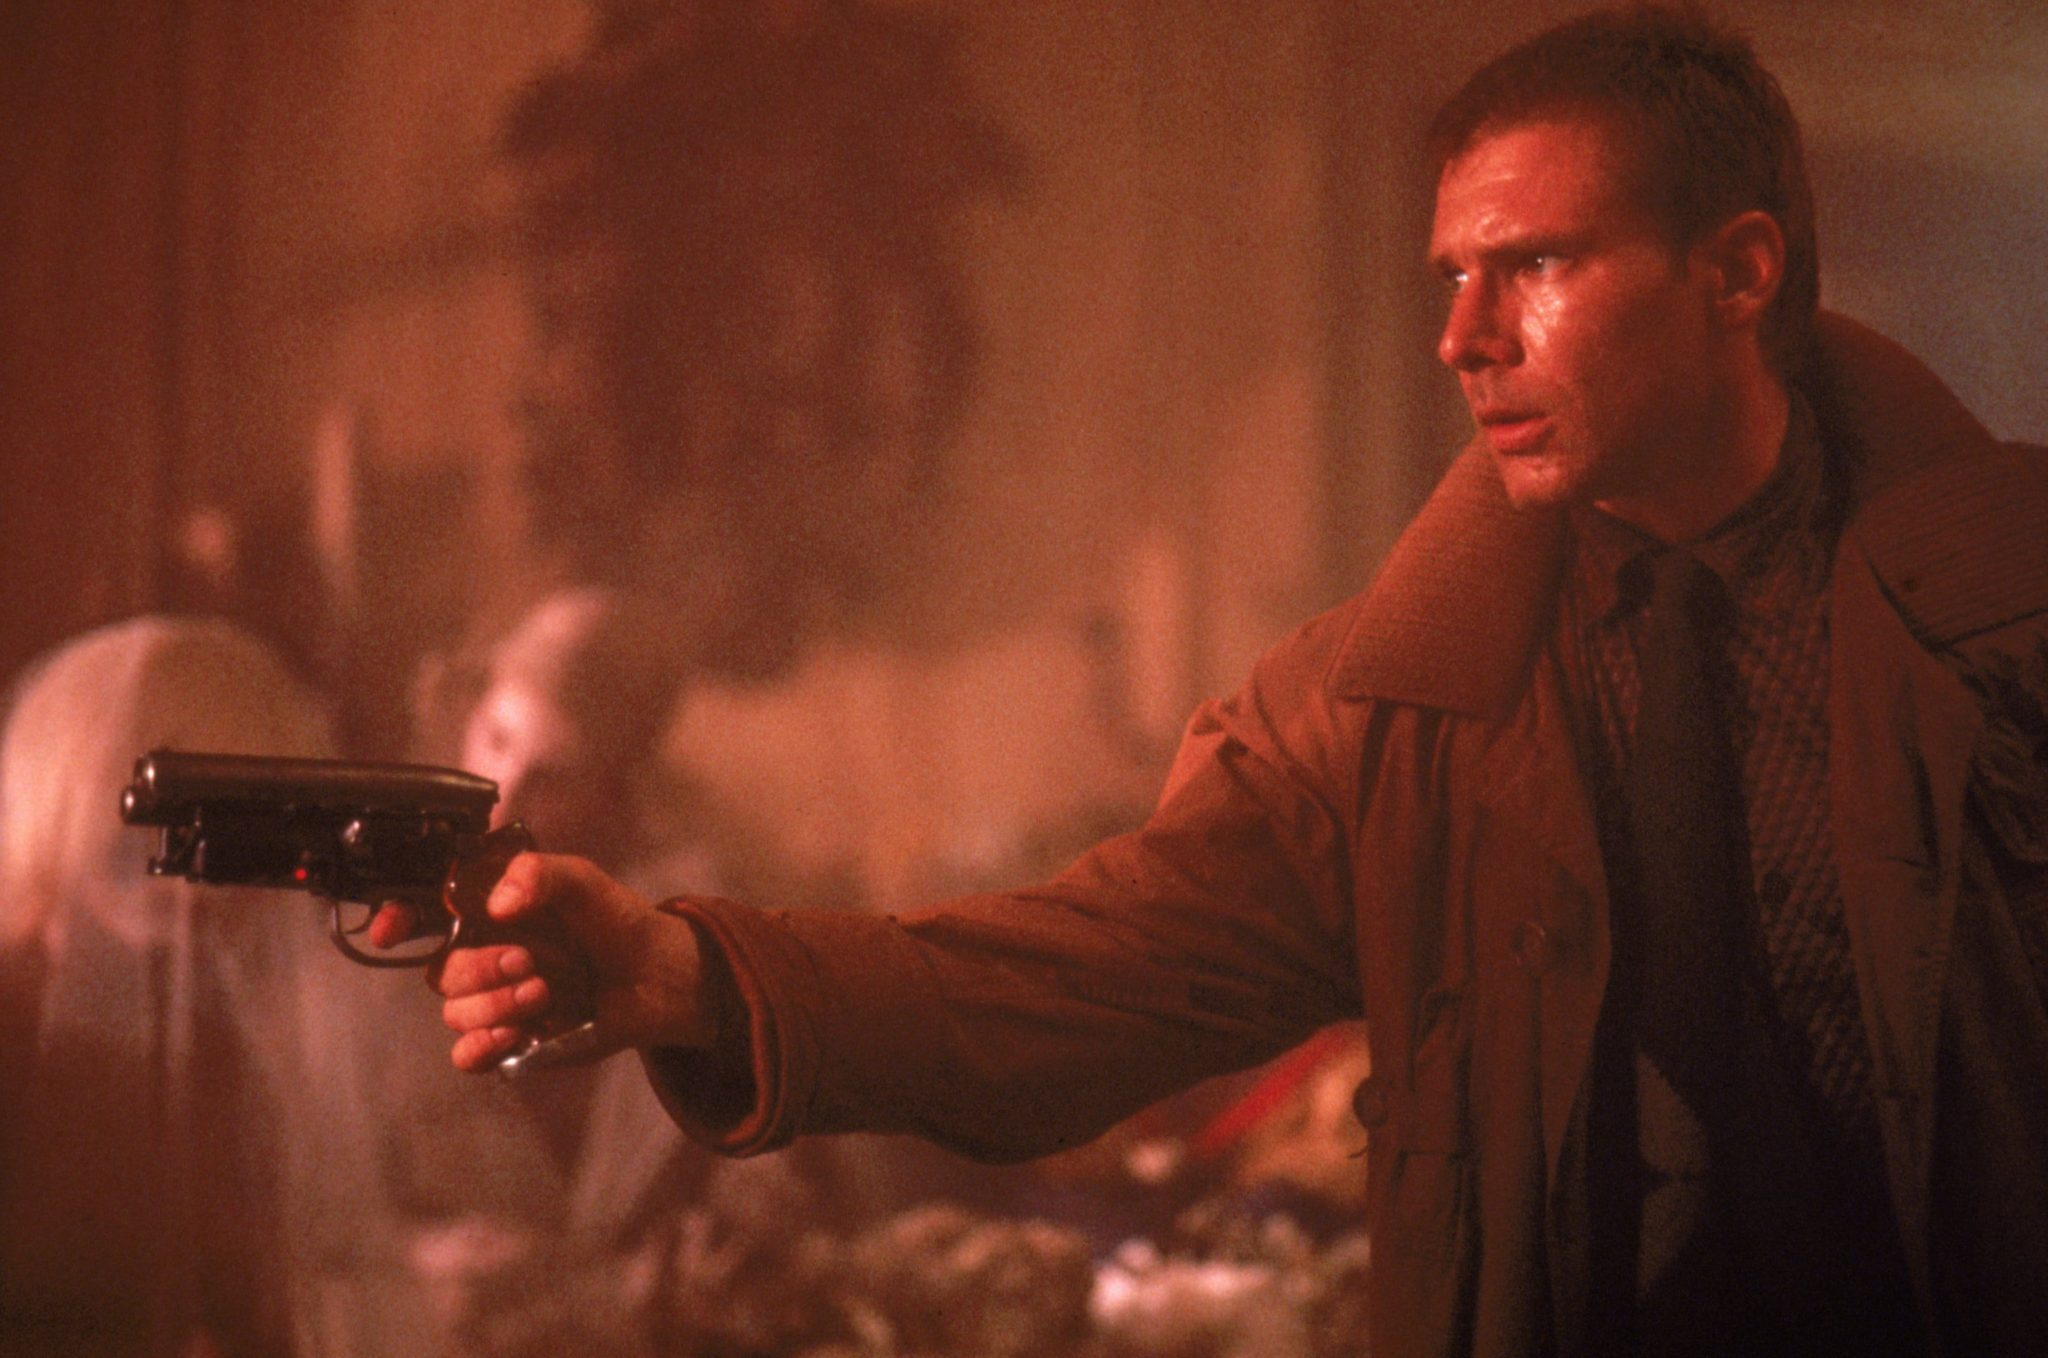 Blade Runner image 1